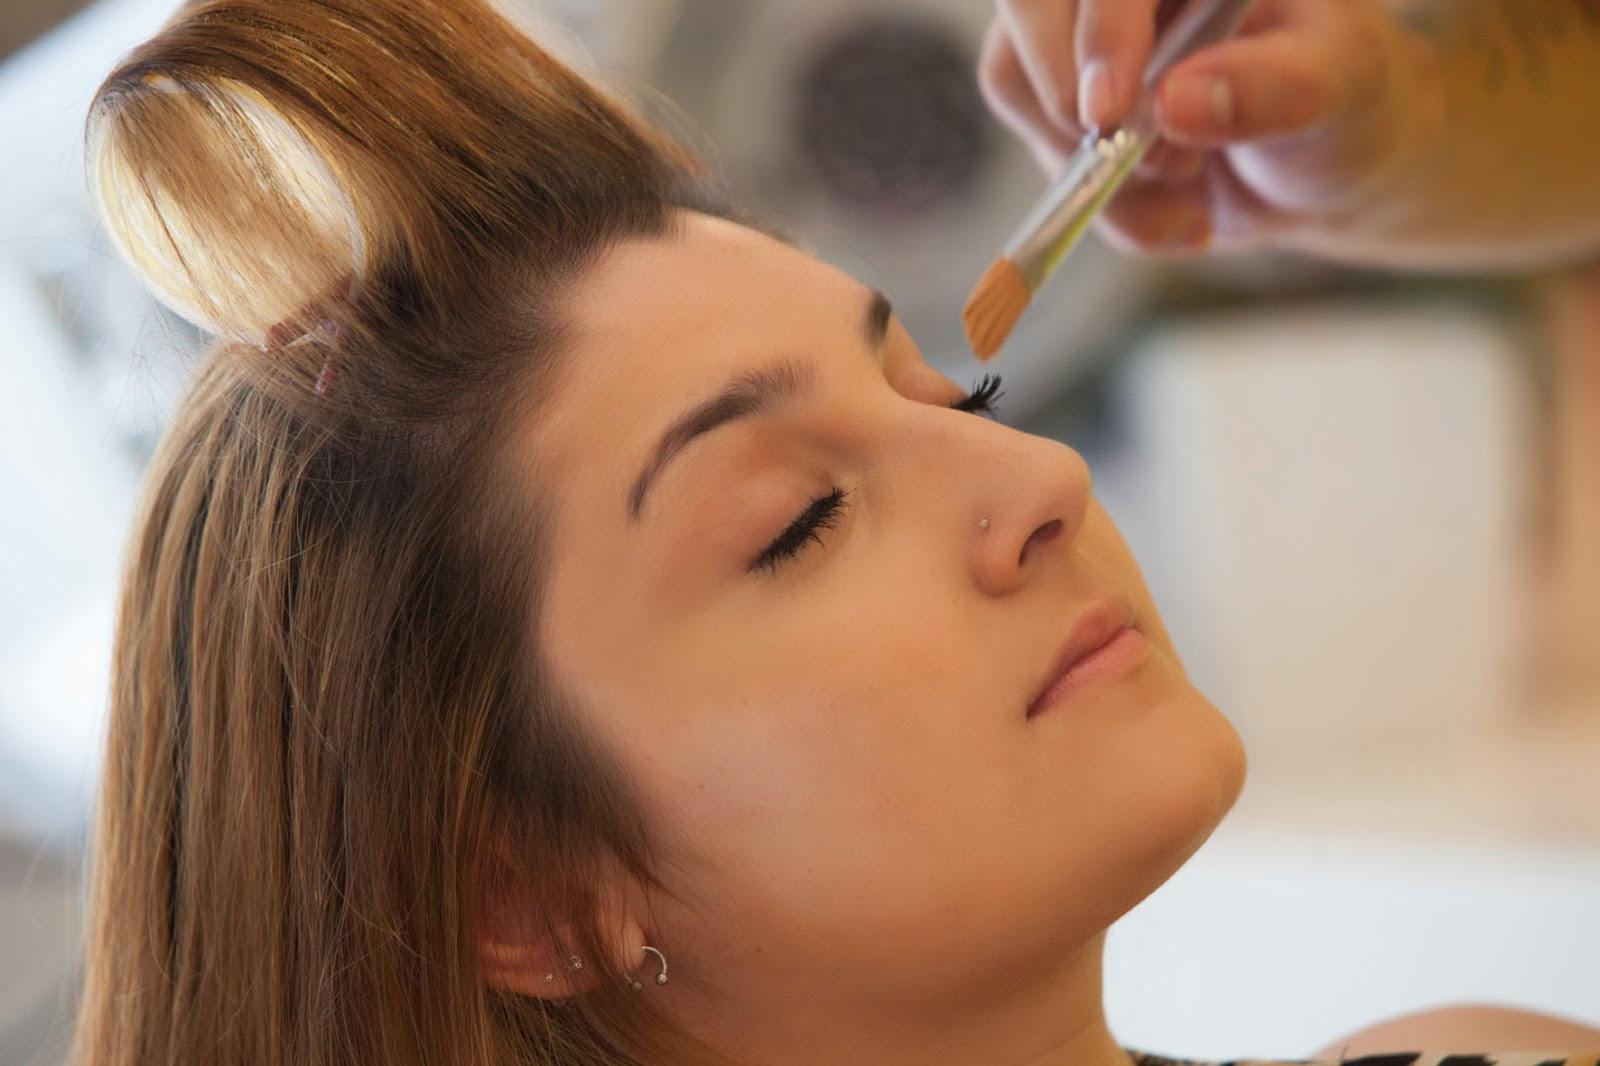 Salão excelencia, mogi mirim, giovana quaglio, beleza, maquiagem, cabelo, blog de moda, blogueira de moda,